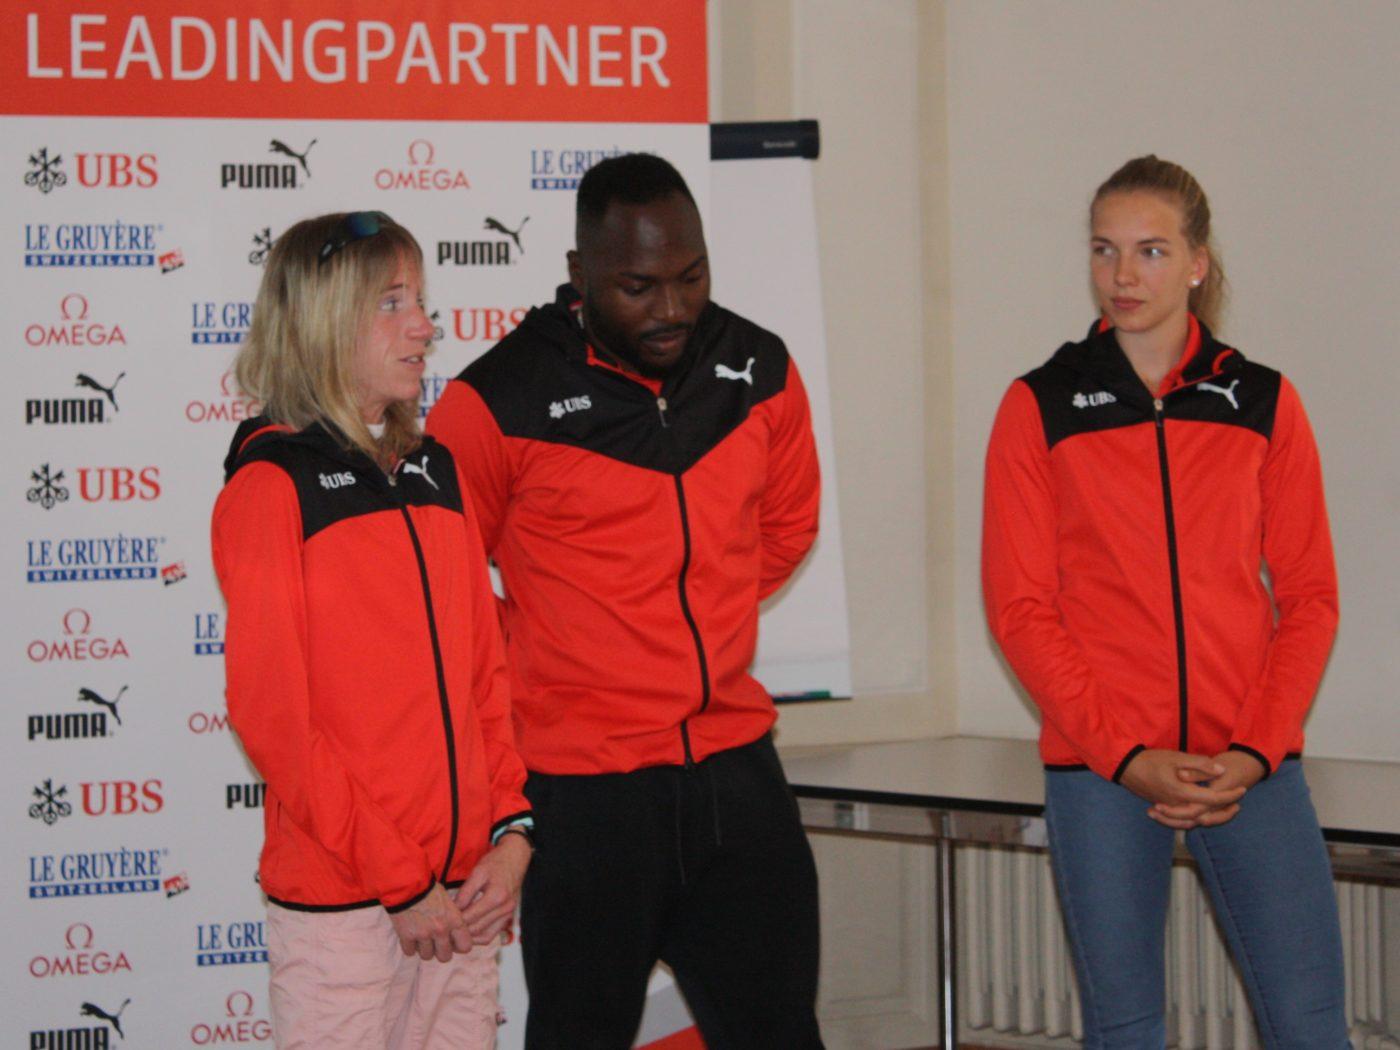 Medienkonferenz 2018 von Swiss Athletics in Zofingen mit Martina Strähl, Alex Wilson und Géraldine Ruckstuhl (Photo: Swiss Athletics)